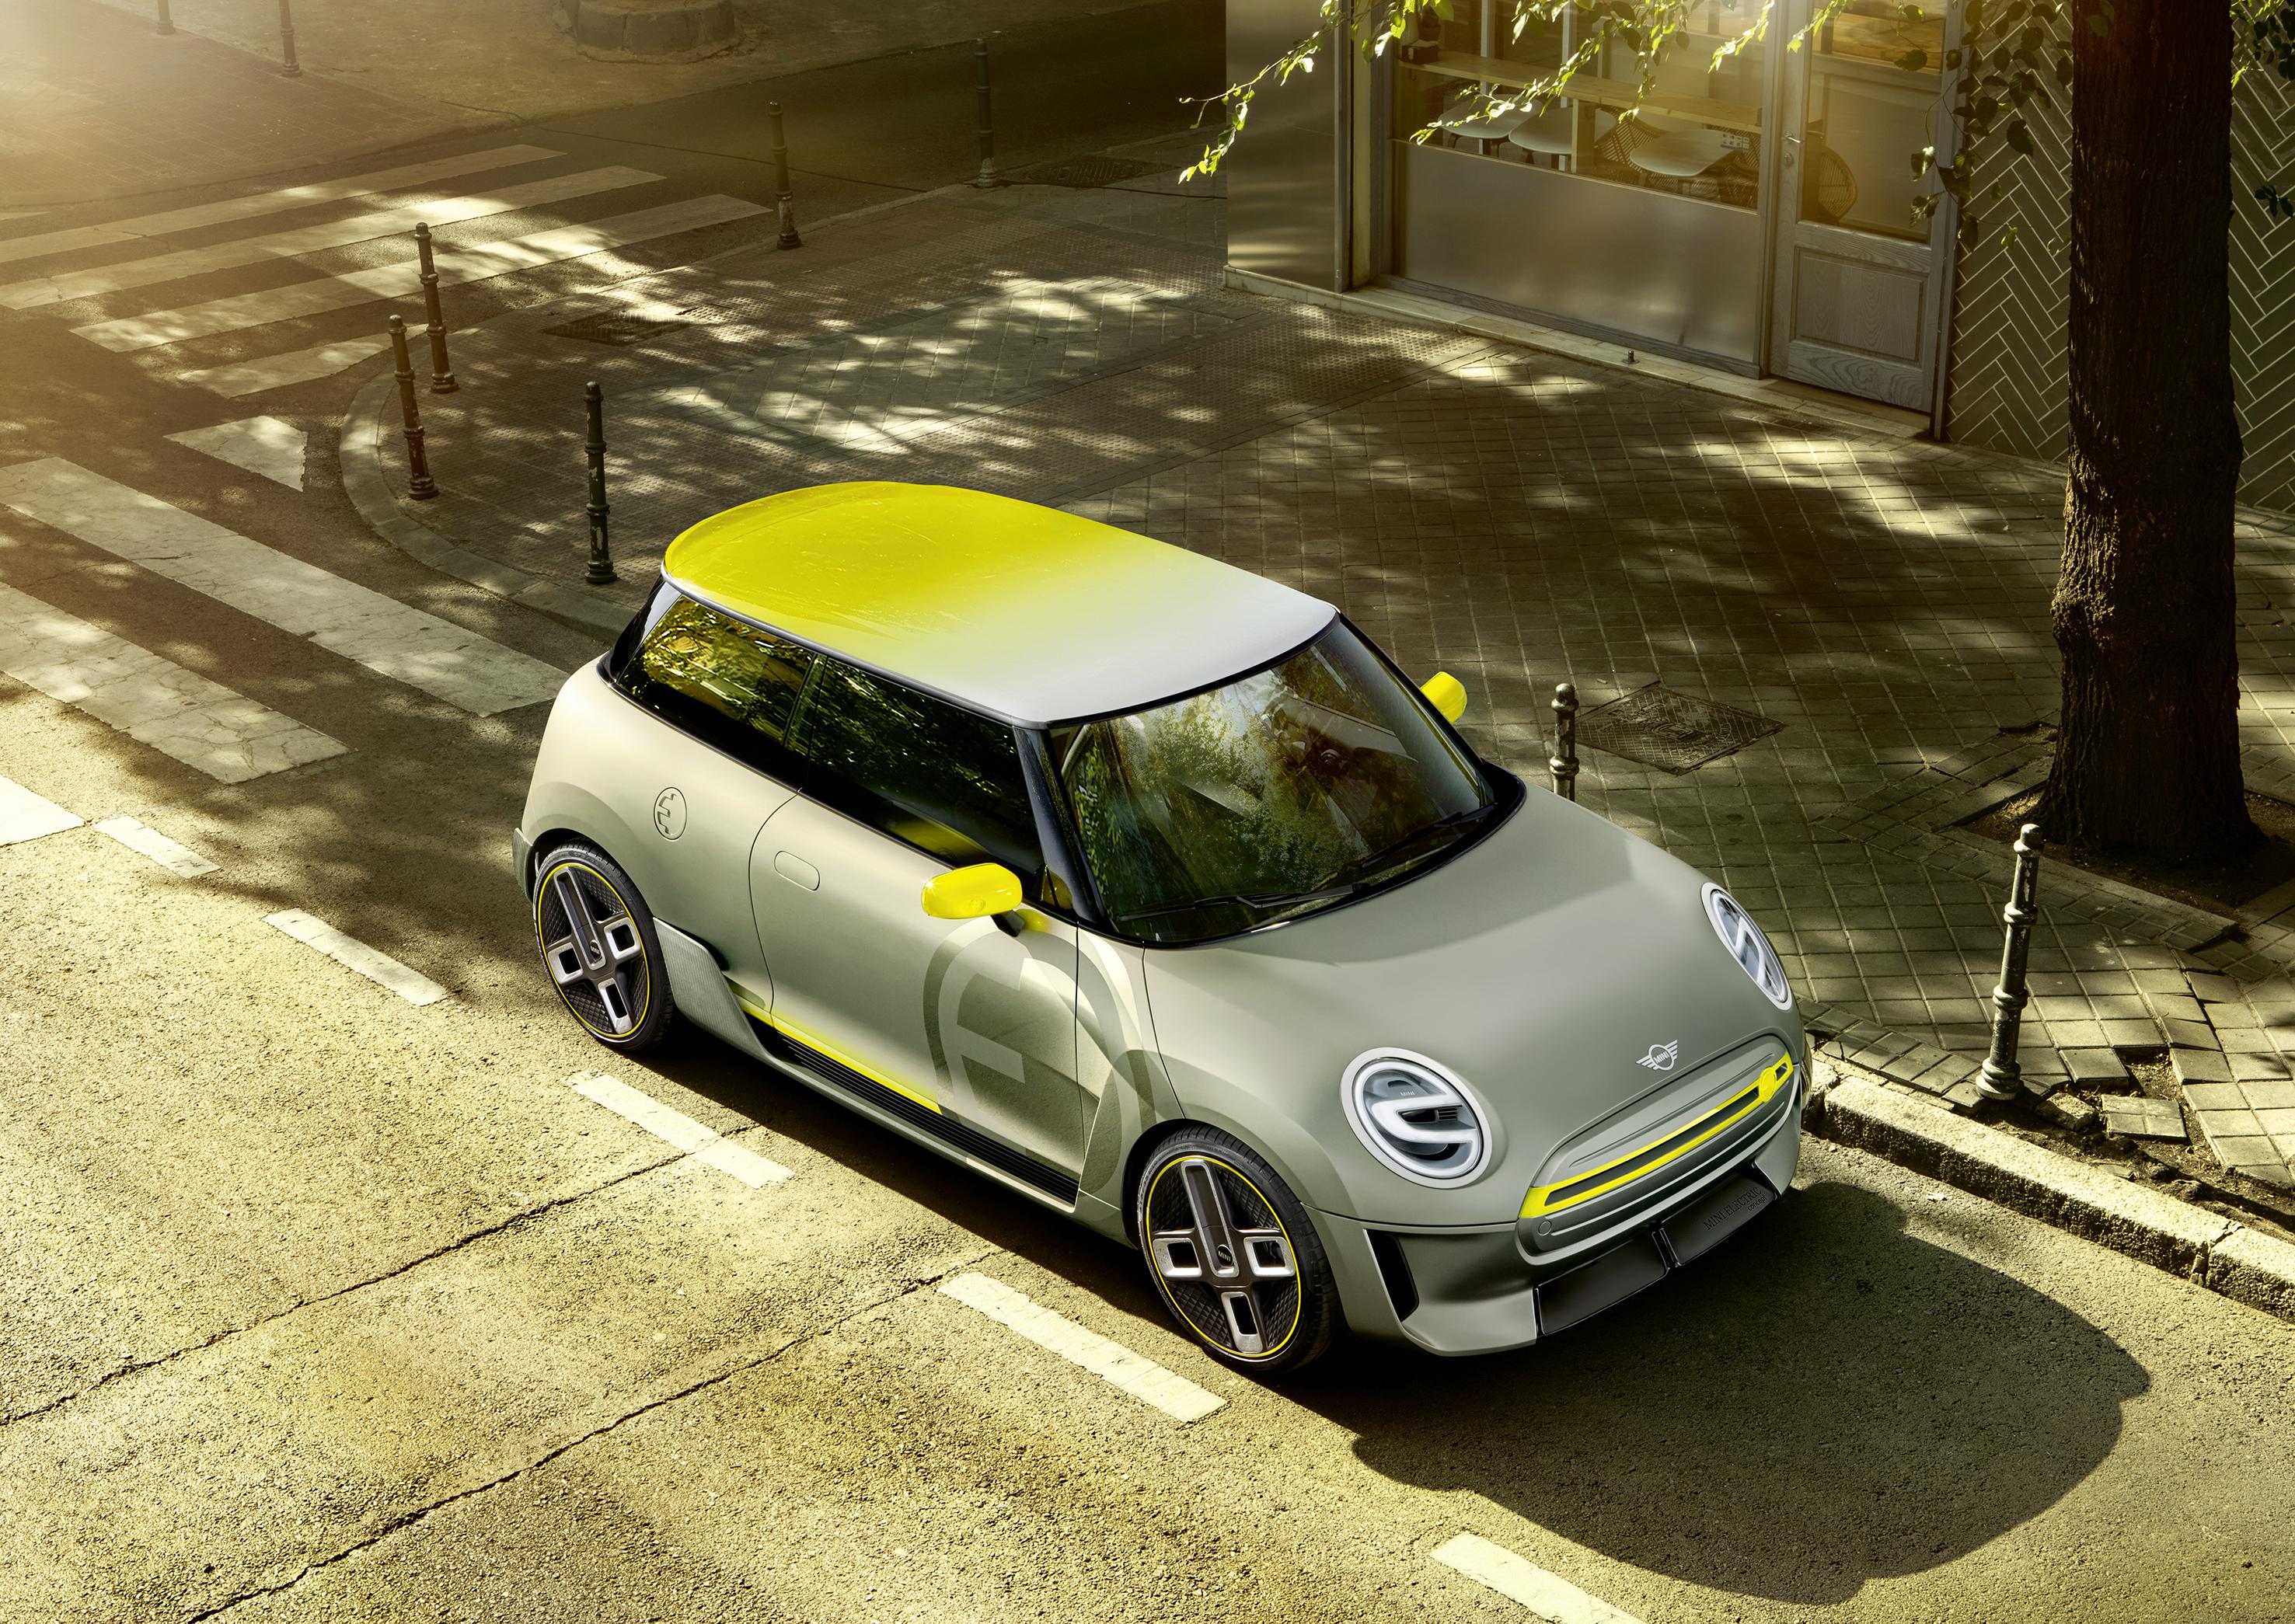 Elektro-Konzept des Mini. © BMW Group